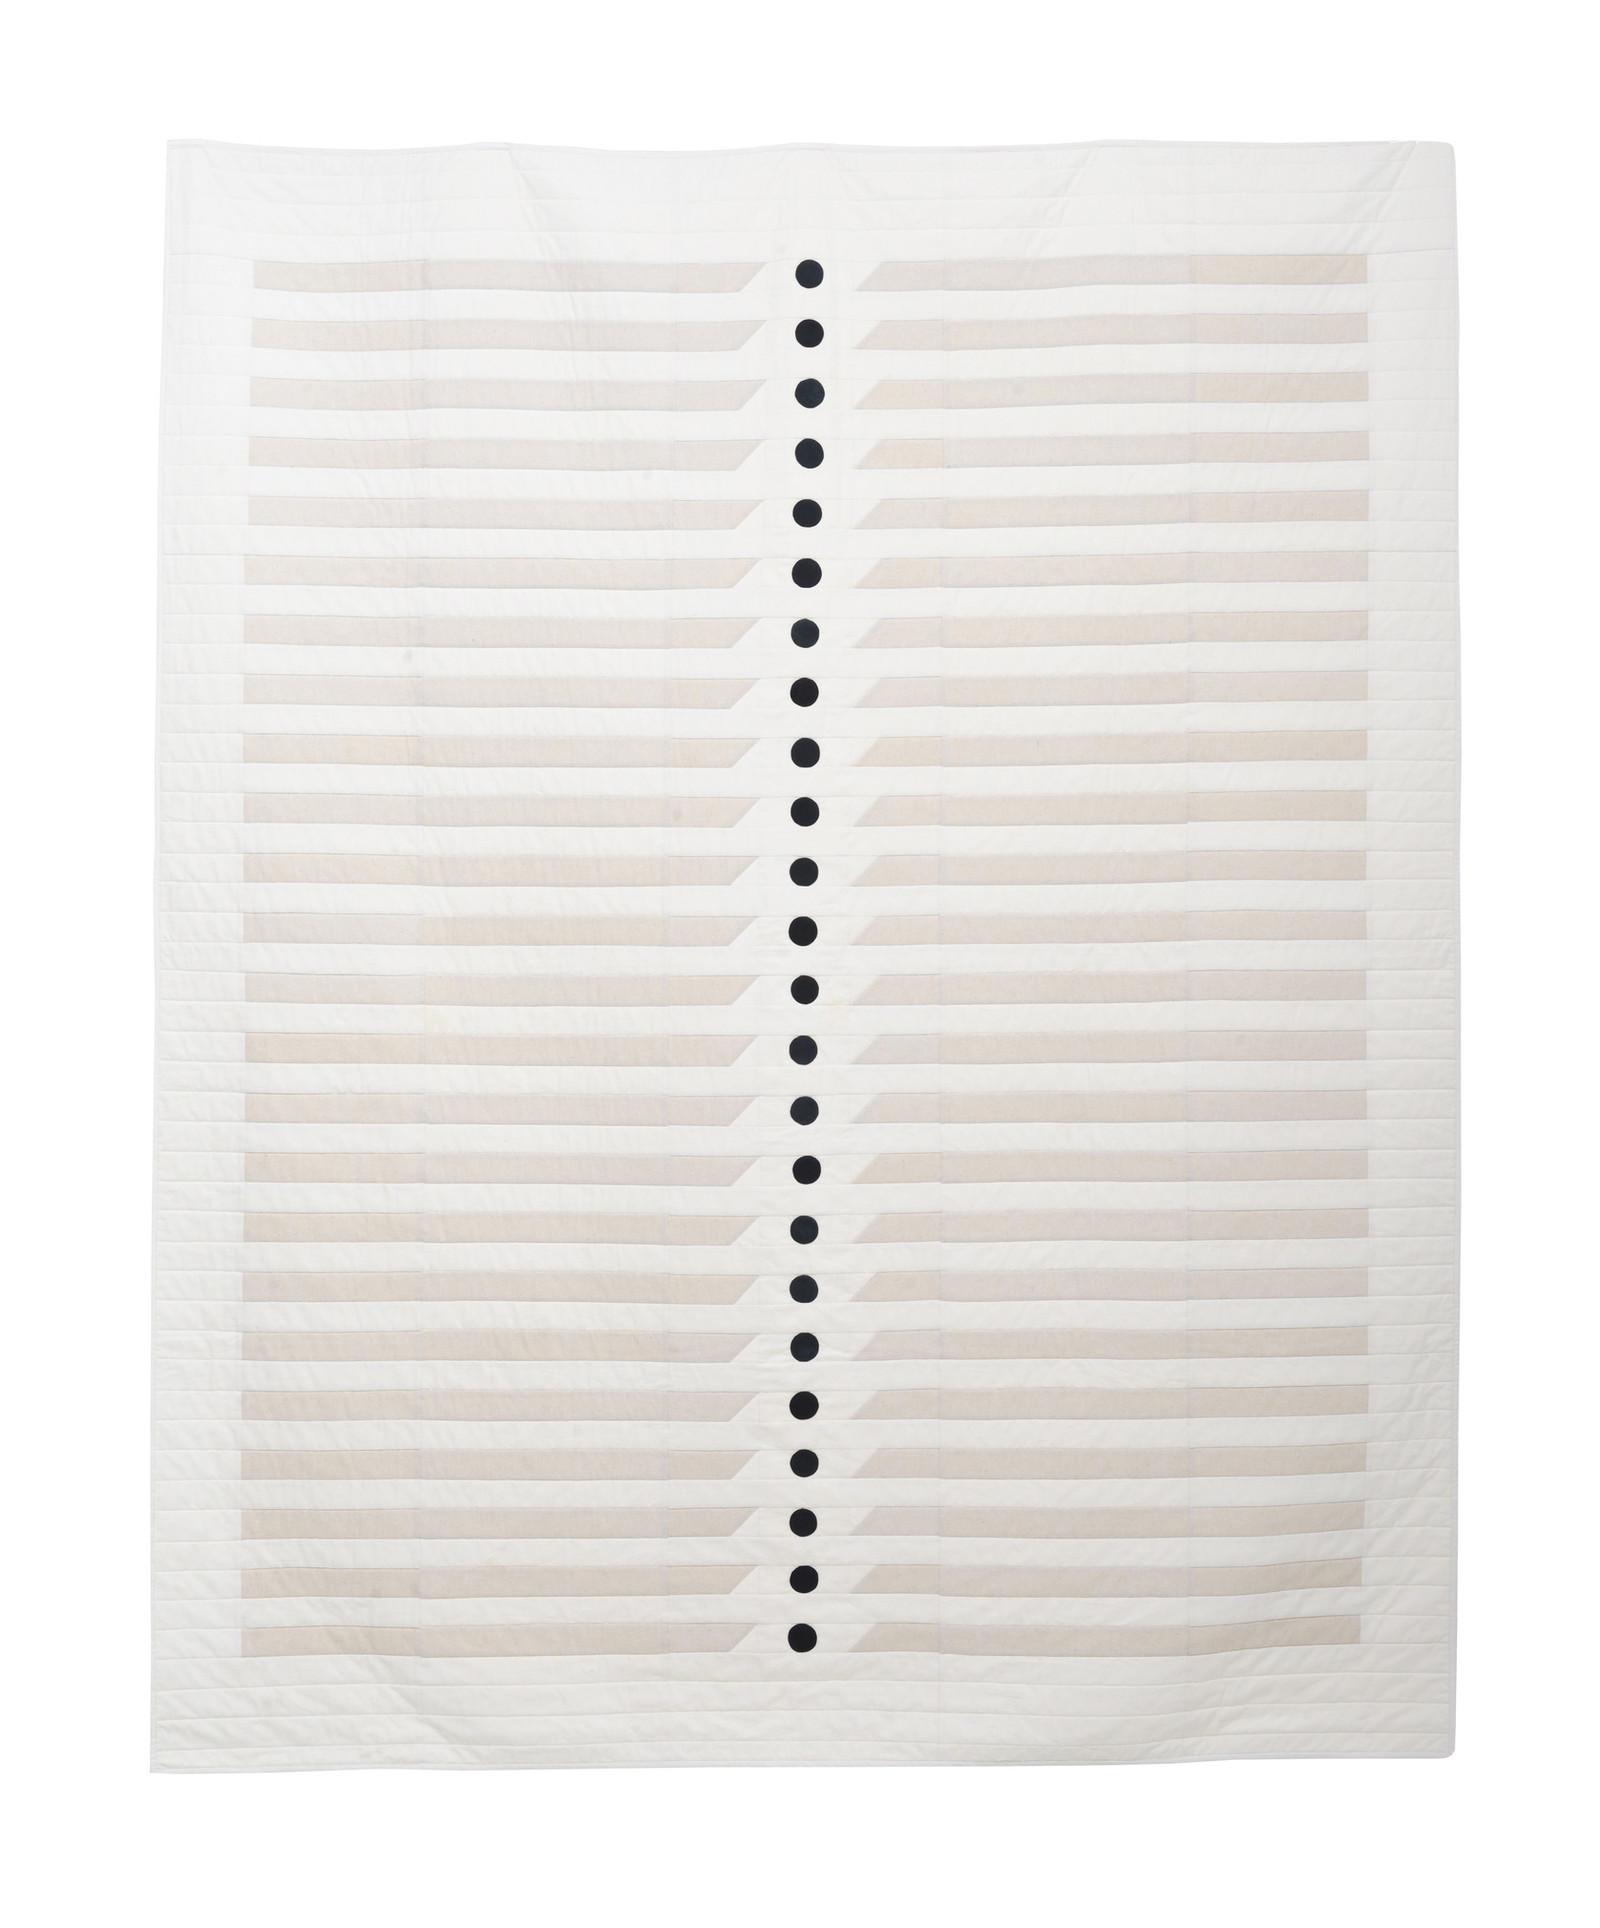 modern minimalist quilt design